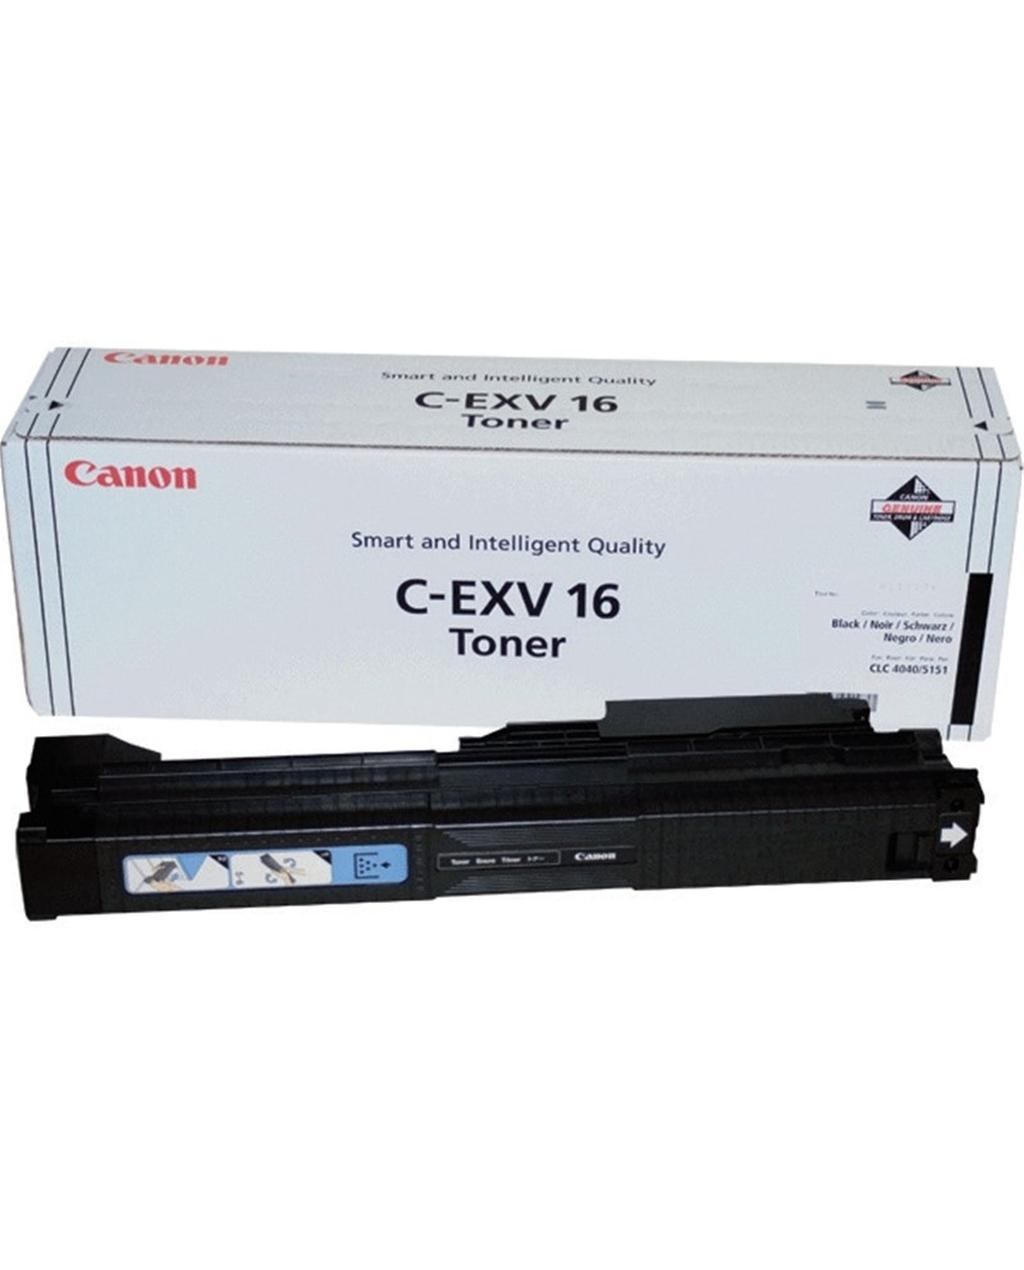 706BK - Canon Mf6550 Toner  - Black